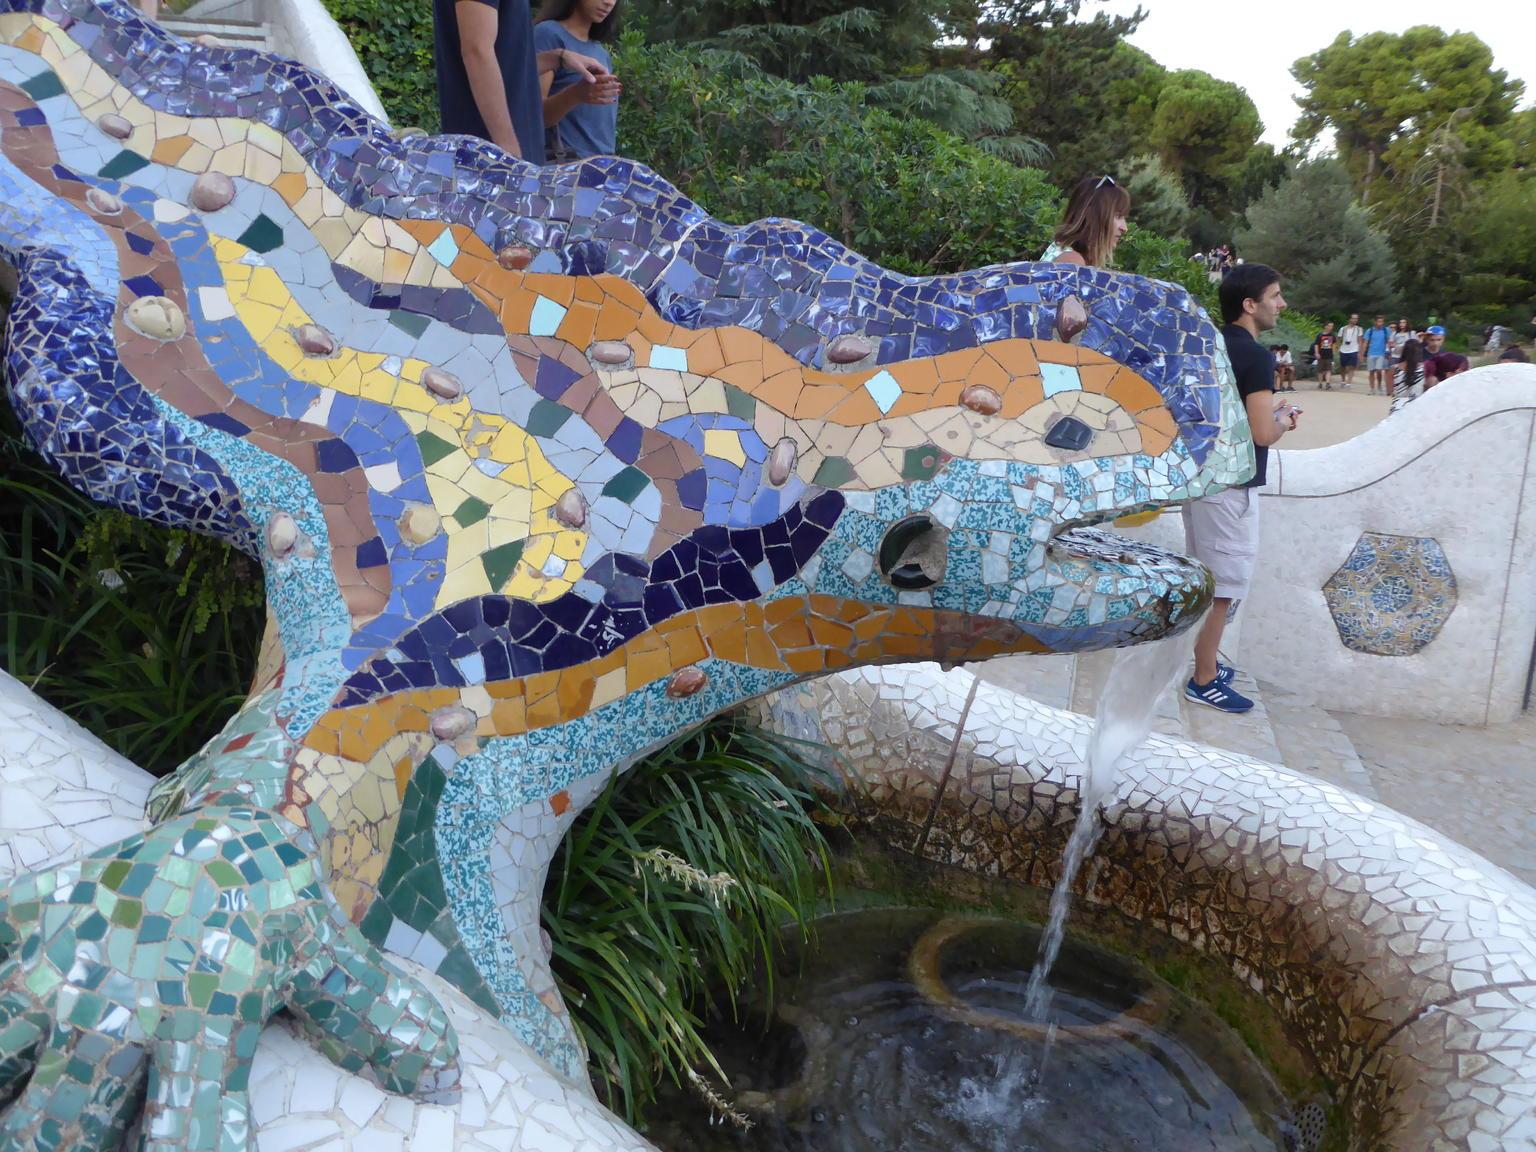 MÁS FOTOS, Evite las colas: Visita al Parque Güell y La Sagrada Familia en Barcelona